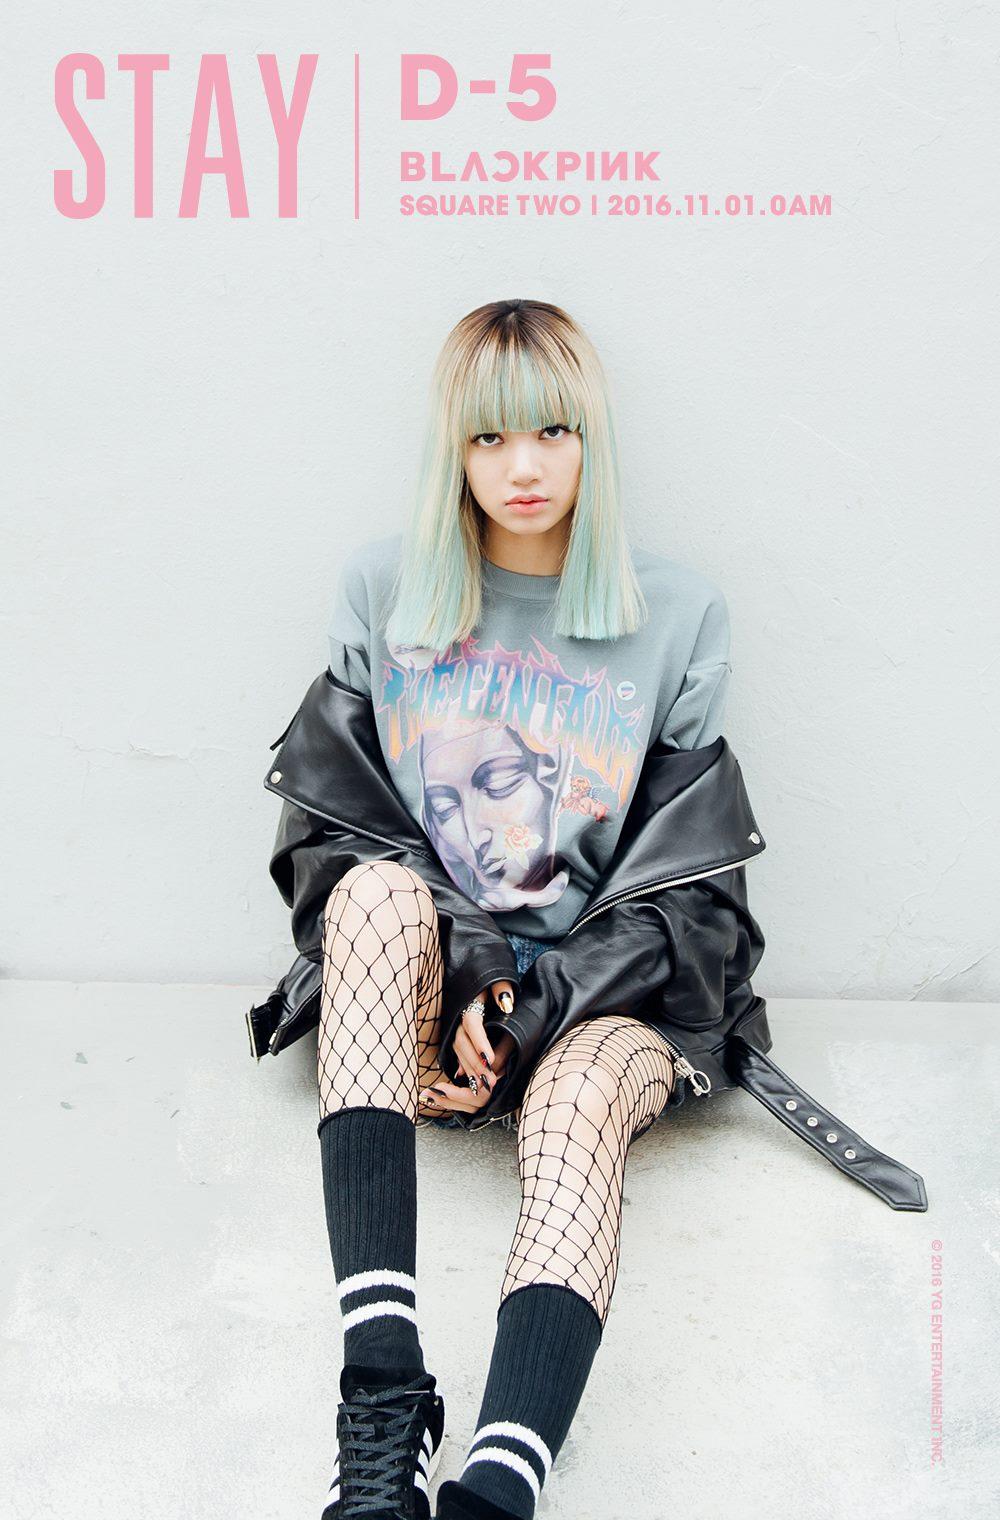 近年韓國偶像歌手界,有越來越多的外國籍成員加入,不論是來自台灣、中國、香港、日本或是泰國等等,KPOP的市場真的越來越廣大啊~~